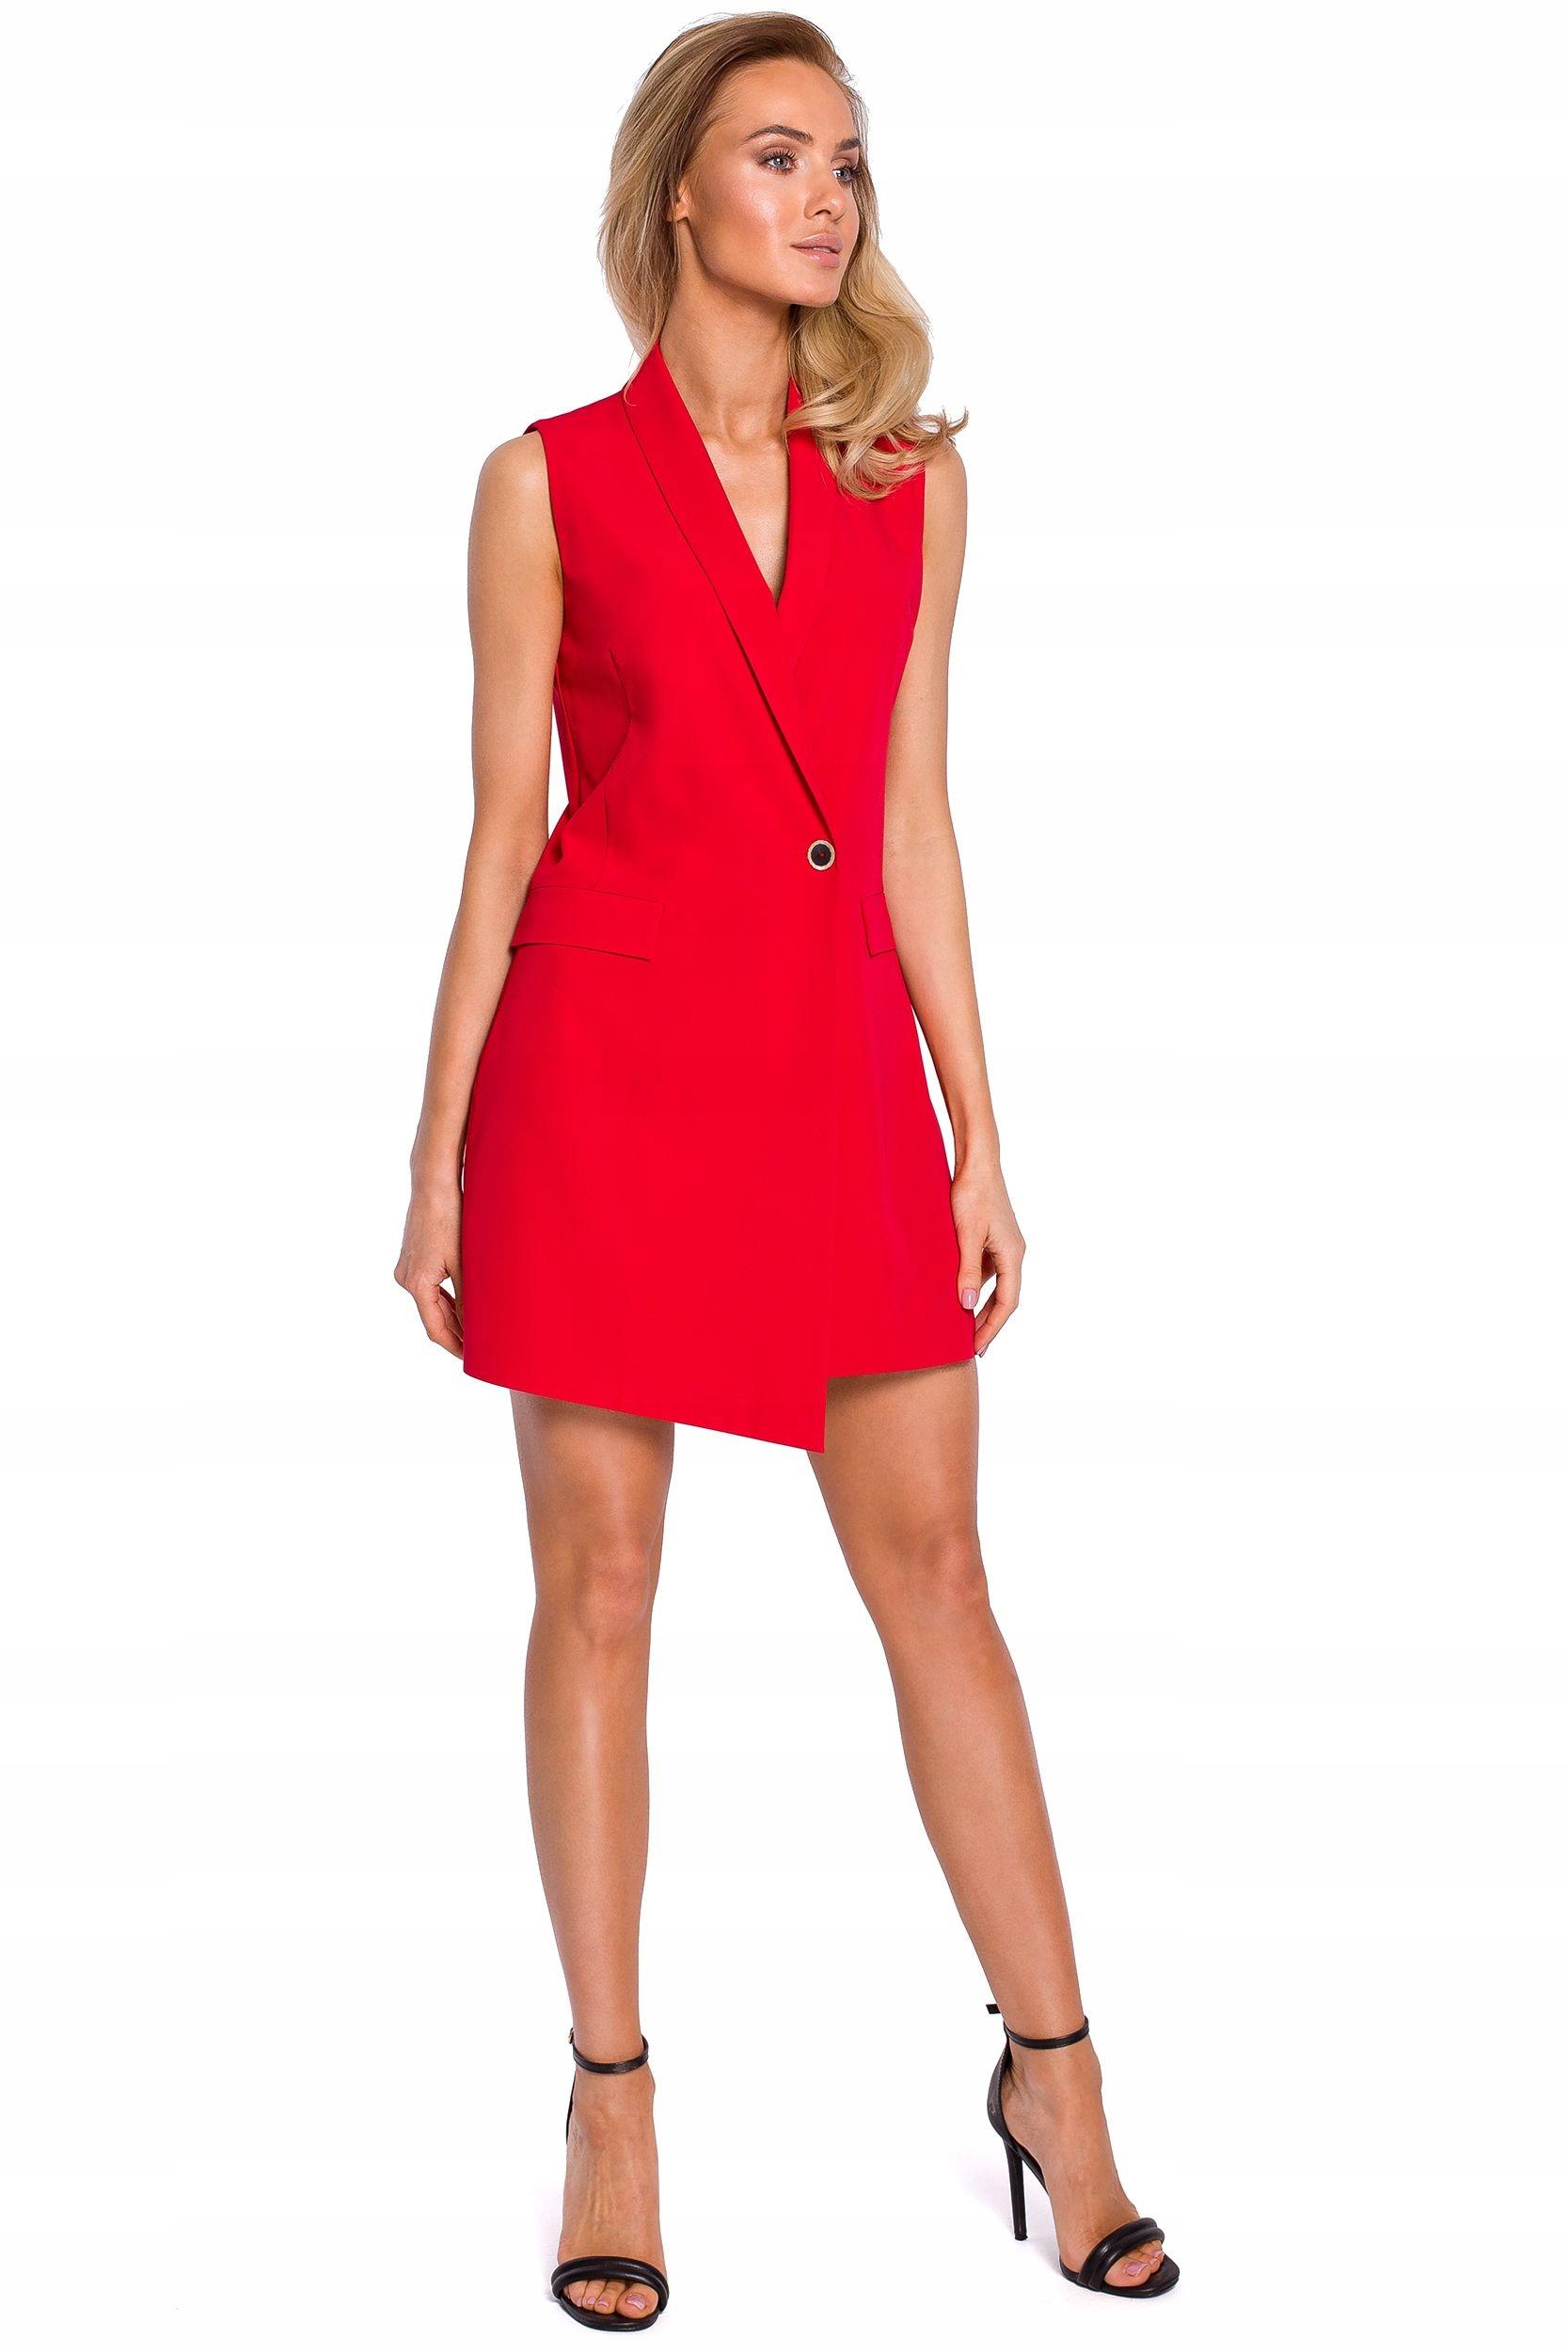 M439 Sukienka żakietowa bez rękawów - czerwona 42